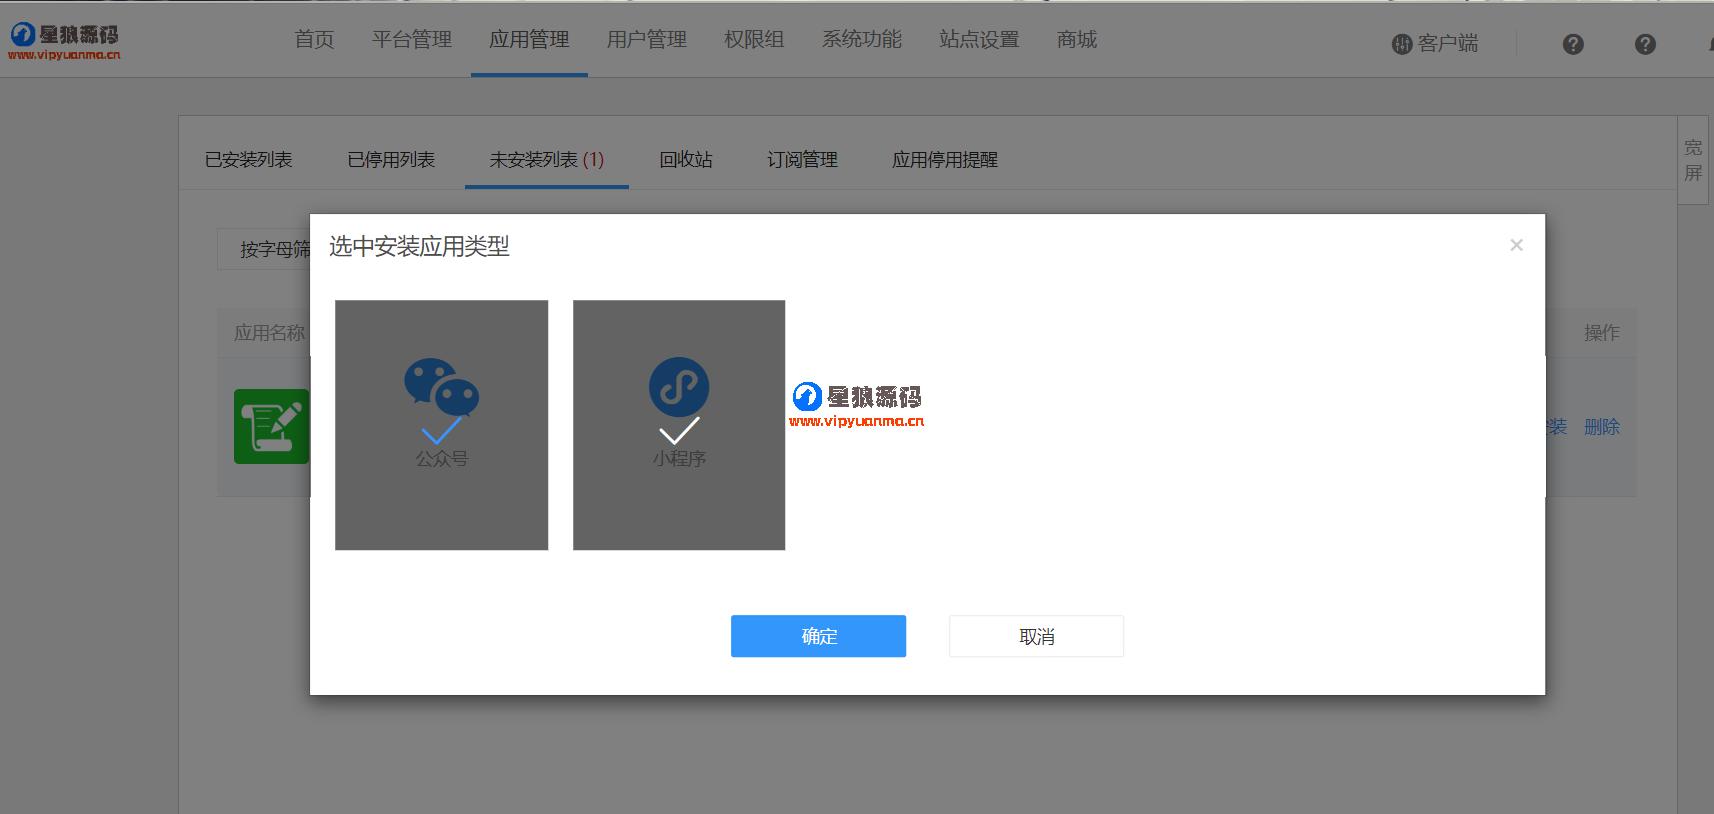 梦昂图文10.2.46双端完整安装包+小程序源码运营版(星狼已测试) 第9张